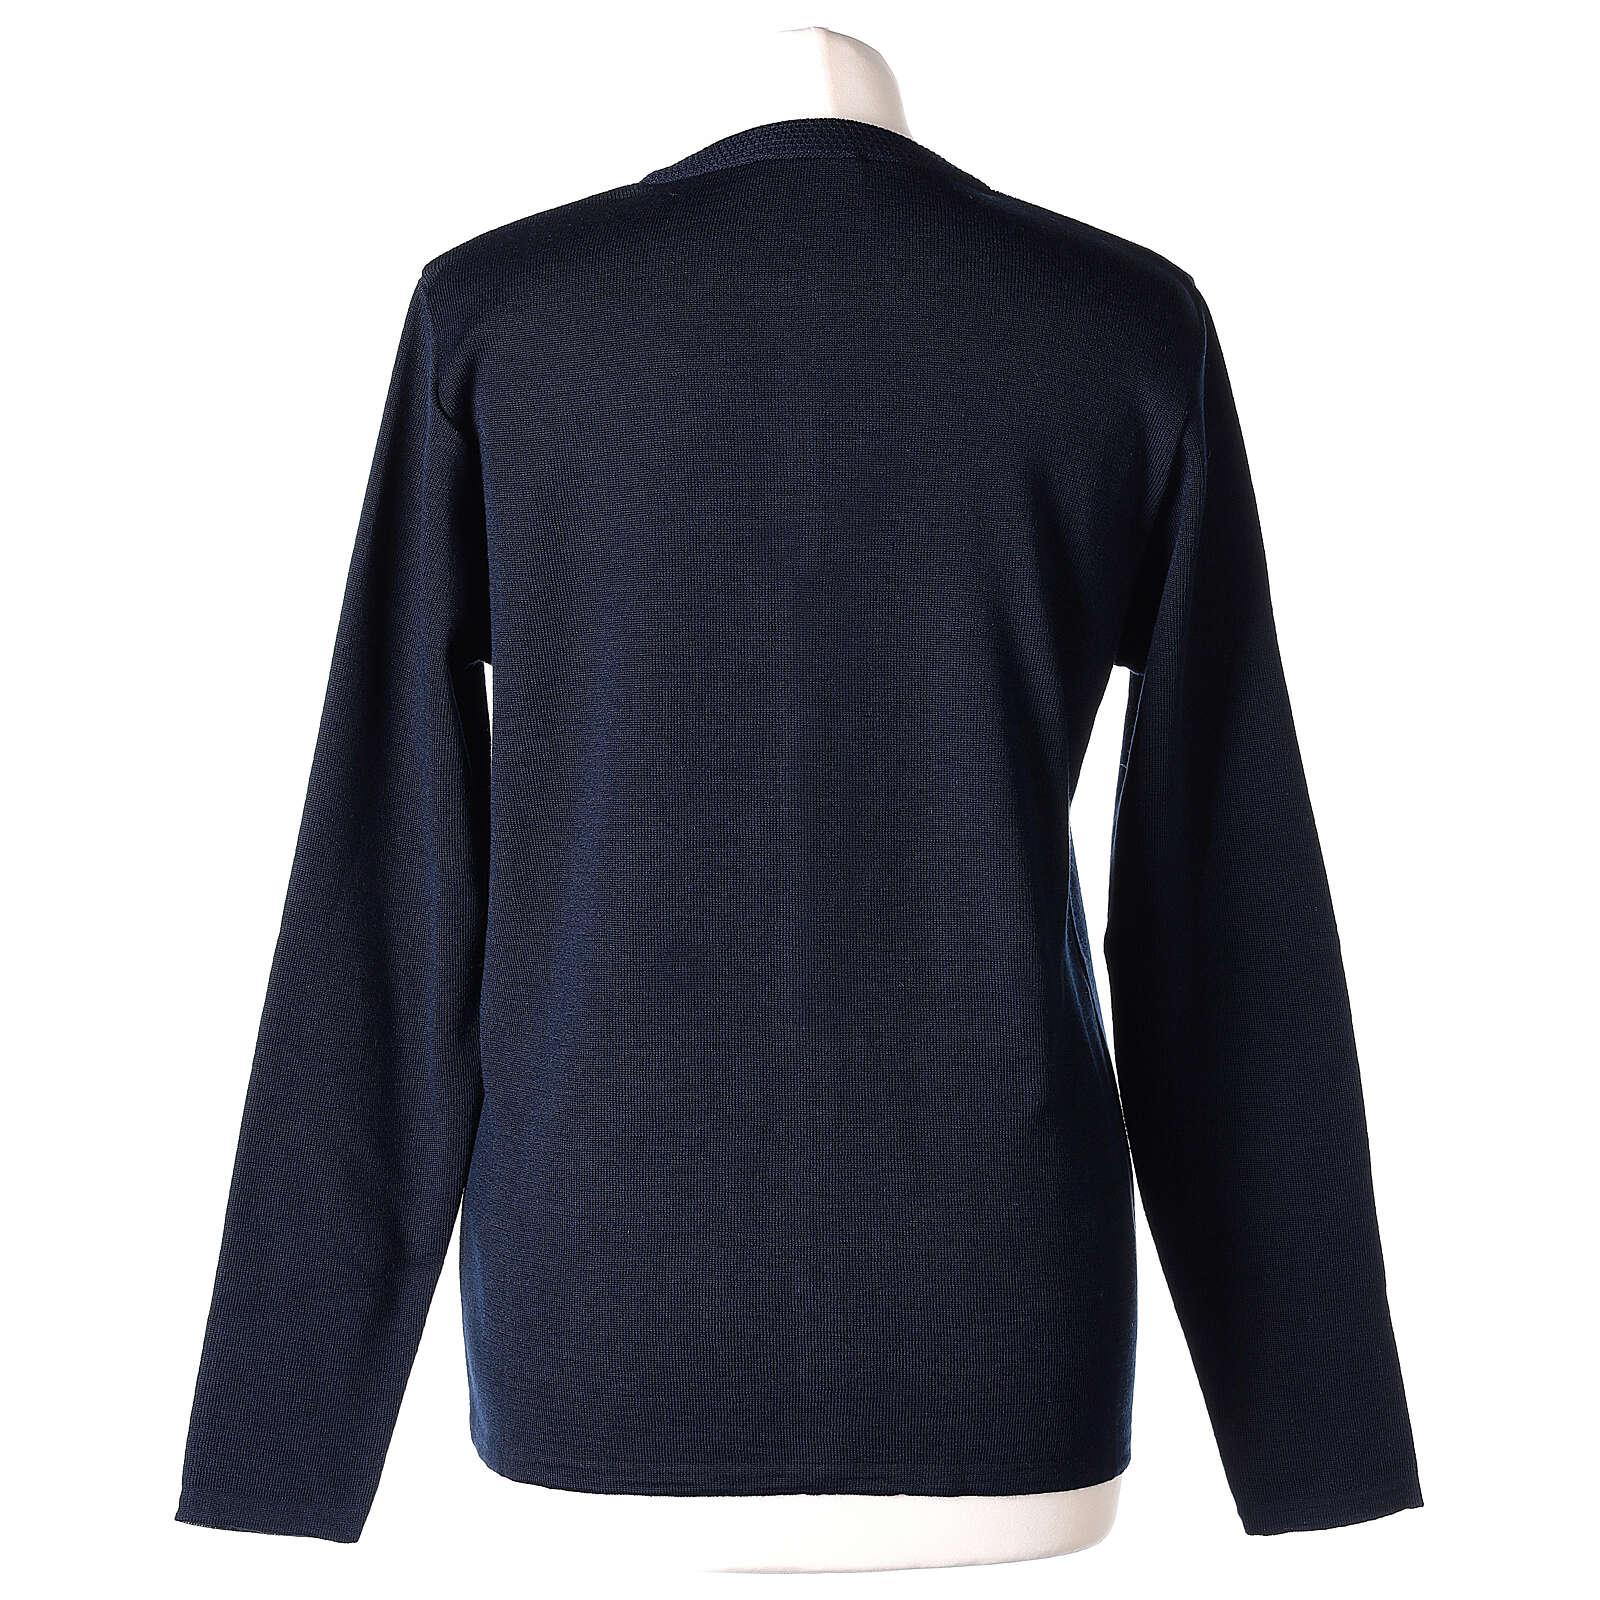 Kardigan siostra zakonna sweter granatowy kołnierzyk koreański kieszonki dzianina gładka 50% akryl 50% wełna merynos In Primis 4